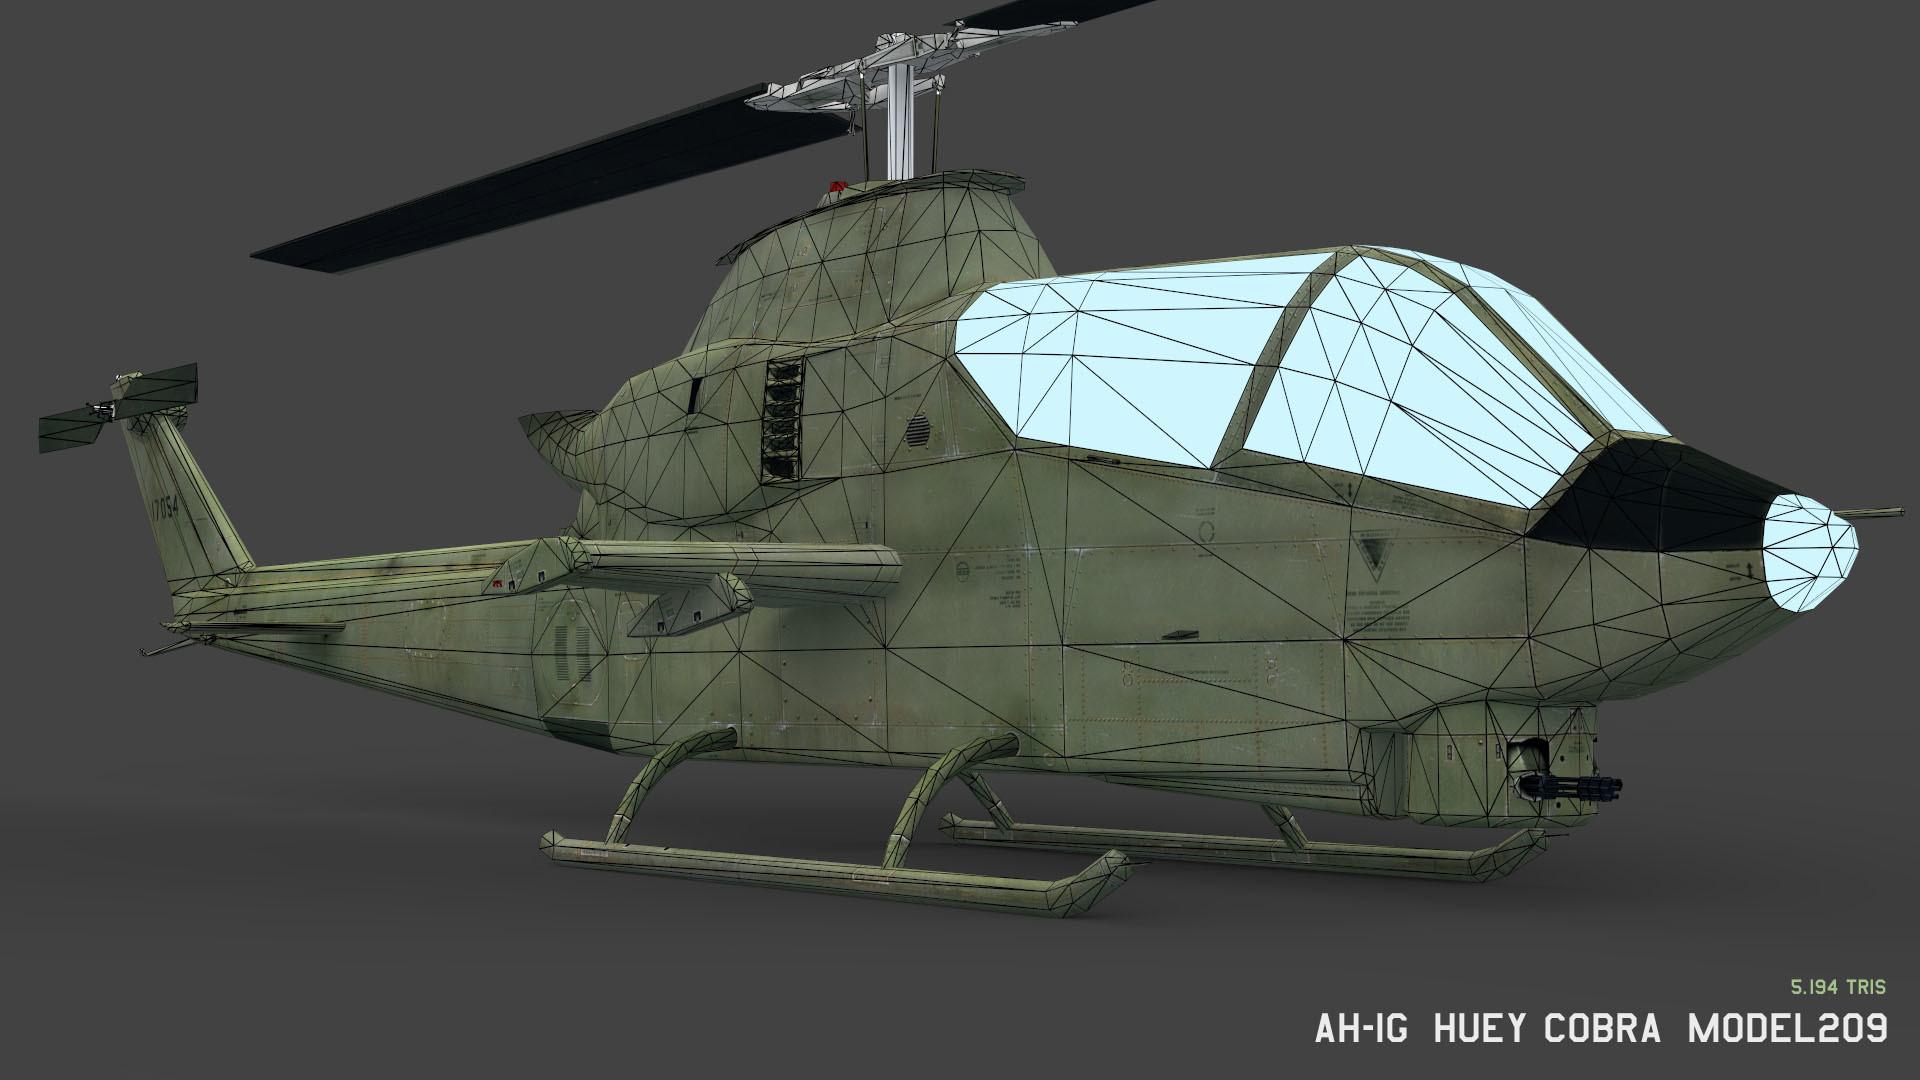 Dzmitry ivanou ah 1g hueycobra model209 03